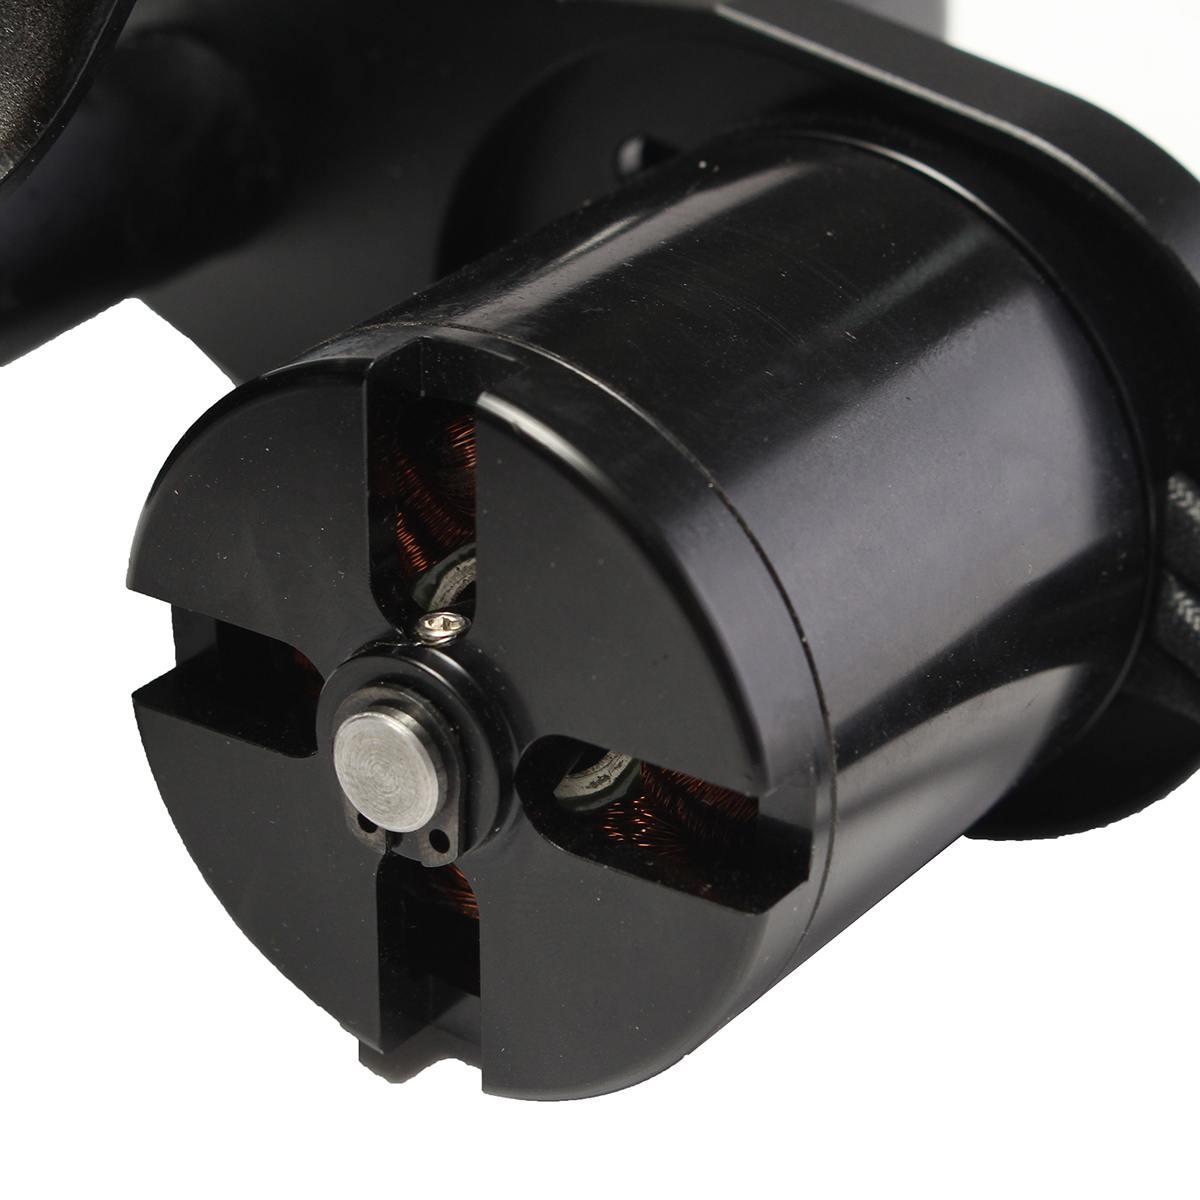 Monopatín eléctrico camión patineta para la carretera de conducir un camión de 4 ruedas N5065 monopatín eléctrico Kit de piezas - 6